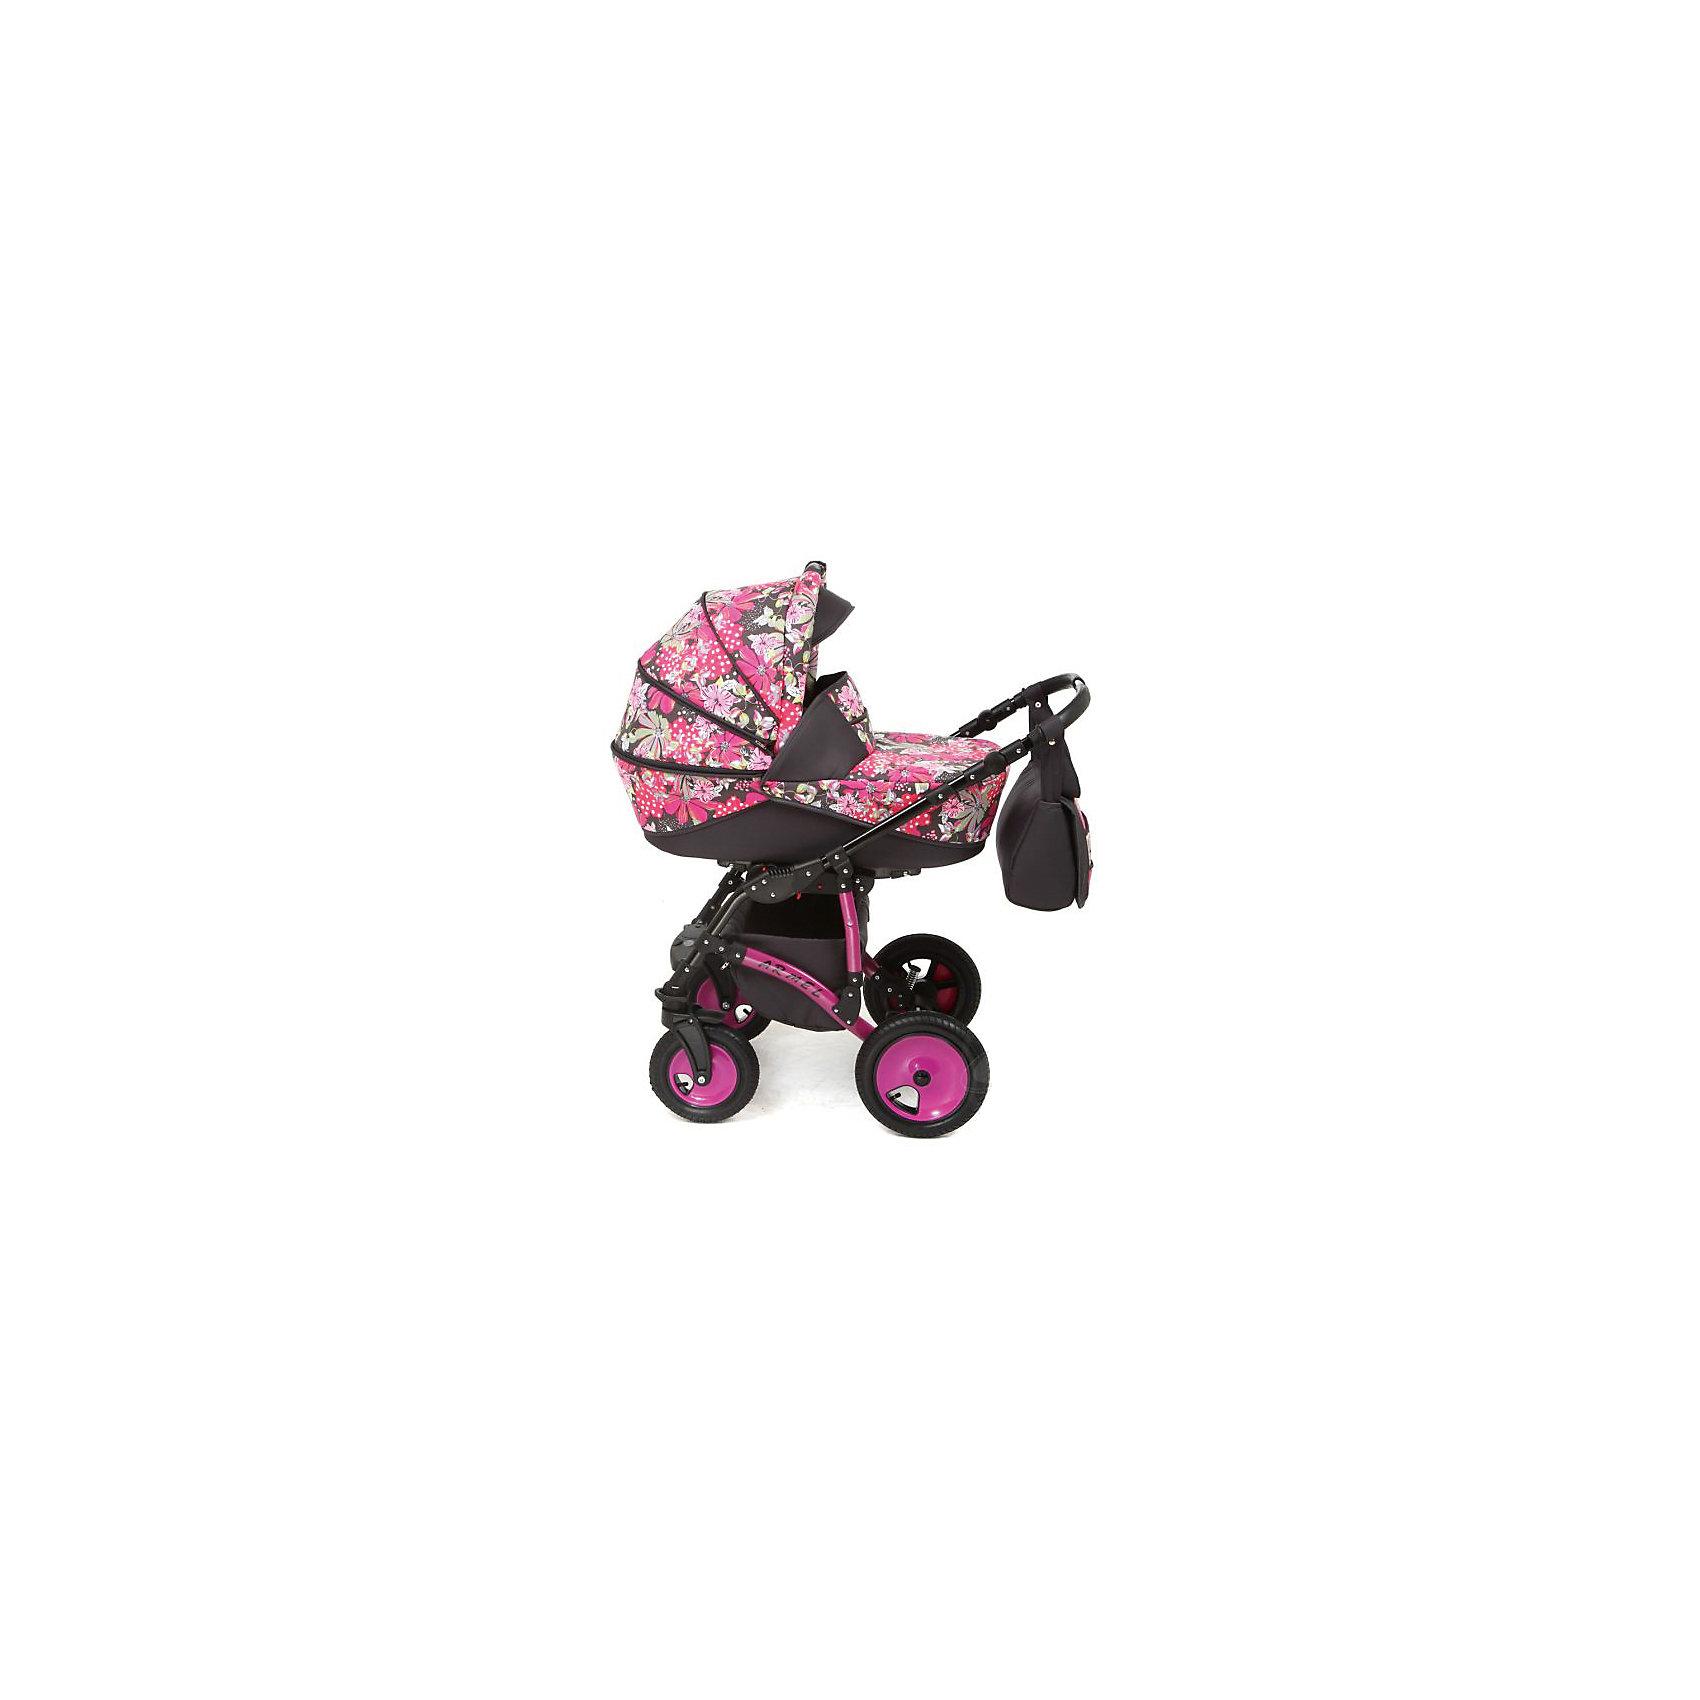 Marimex Коляска 2 в 1 ARMEL, Marimex, графит-розовый принт Цветы коляска marimex armel красный графит принт цветы